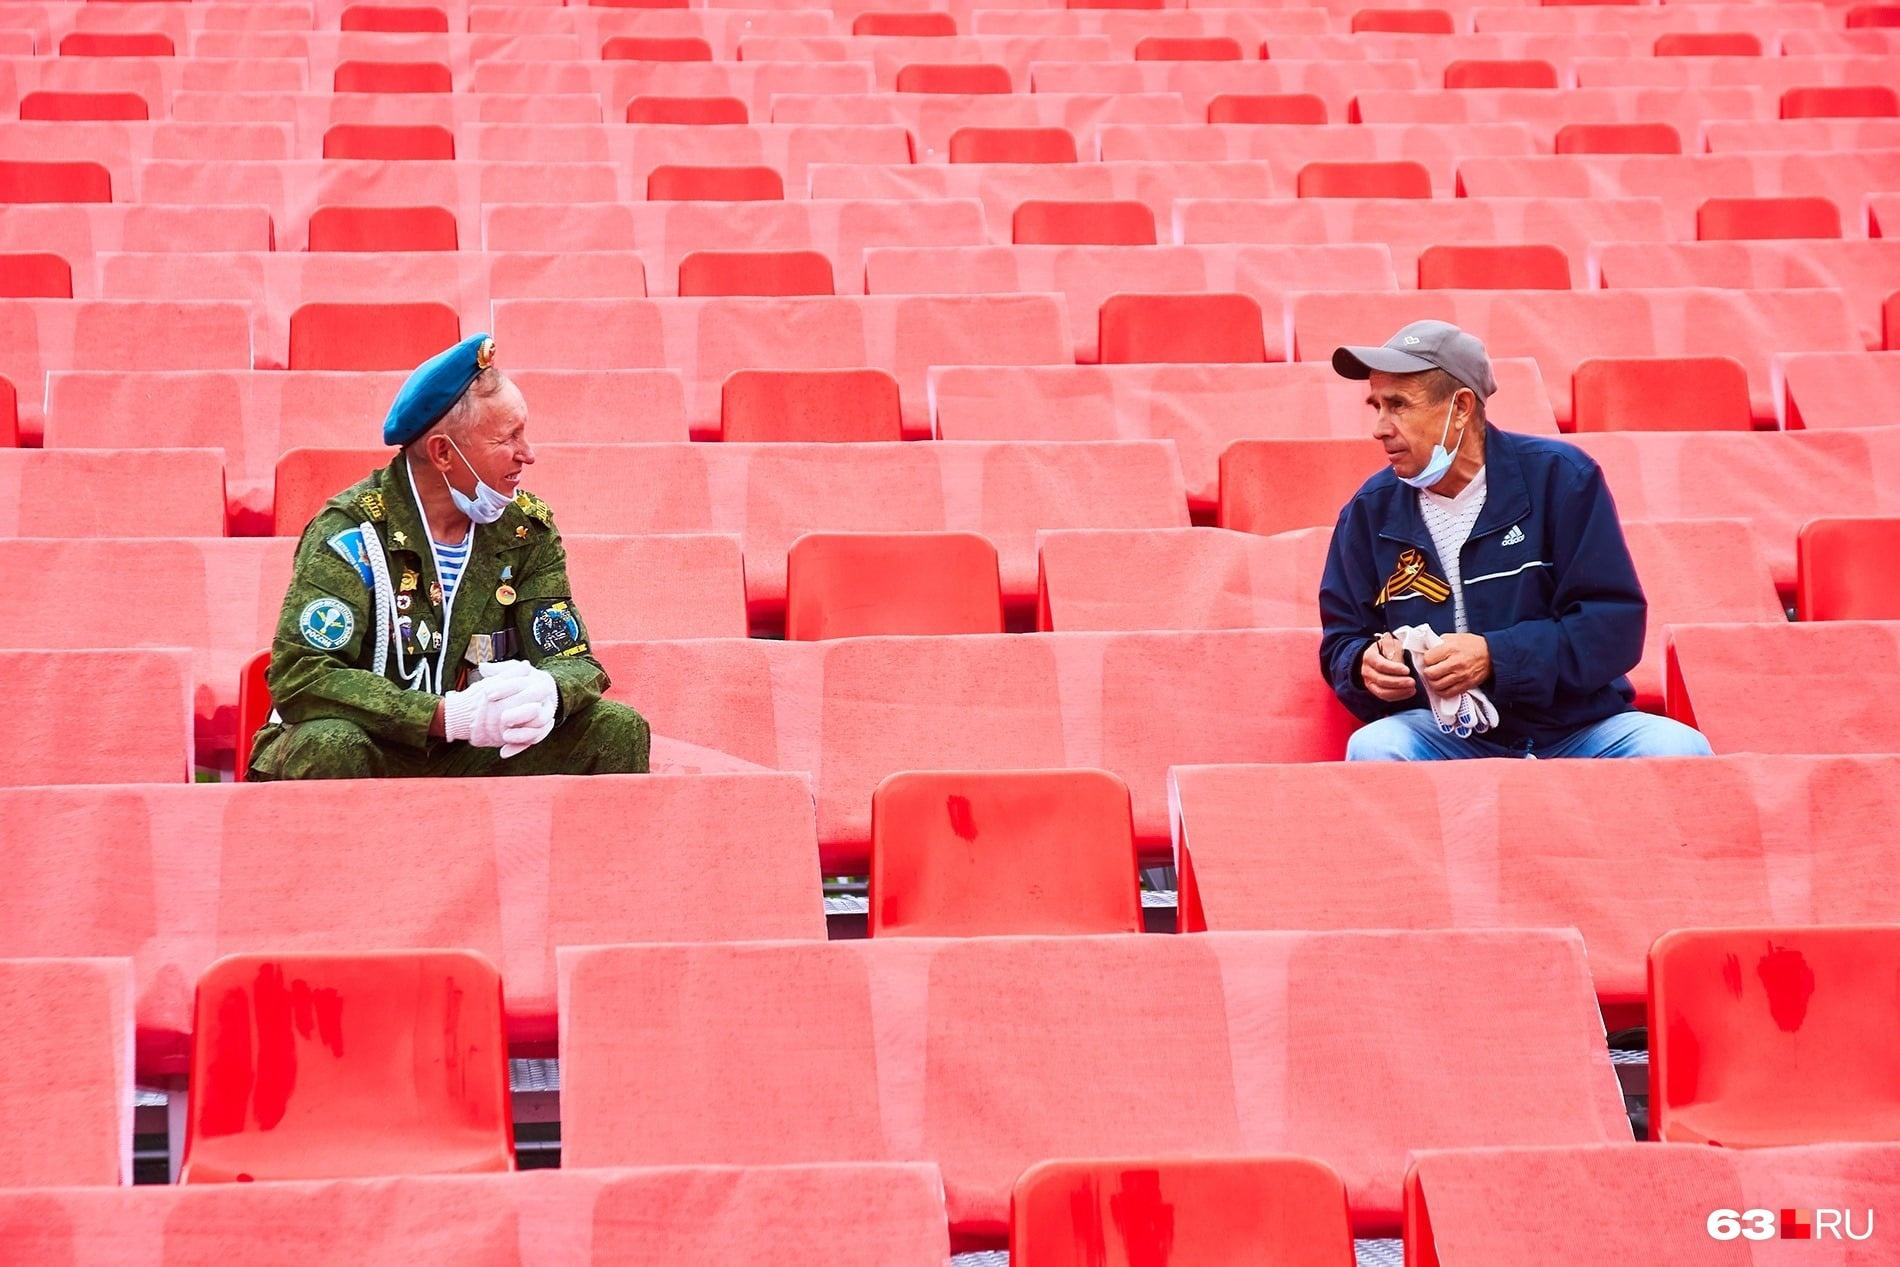 В Самаре немногочисленные участники парада соблюдали дистанцию в полтора кресла